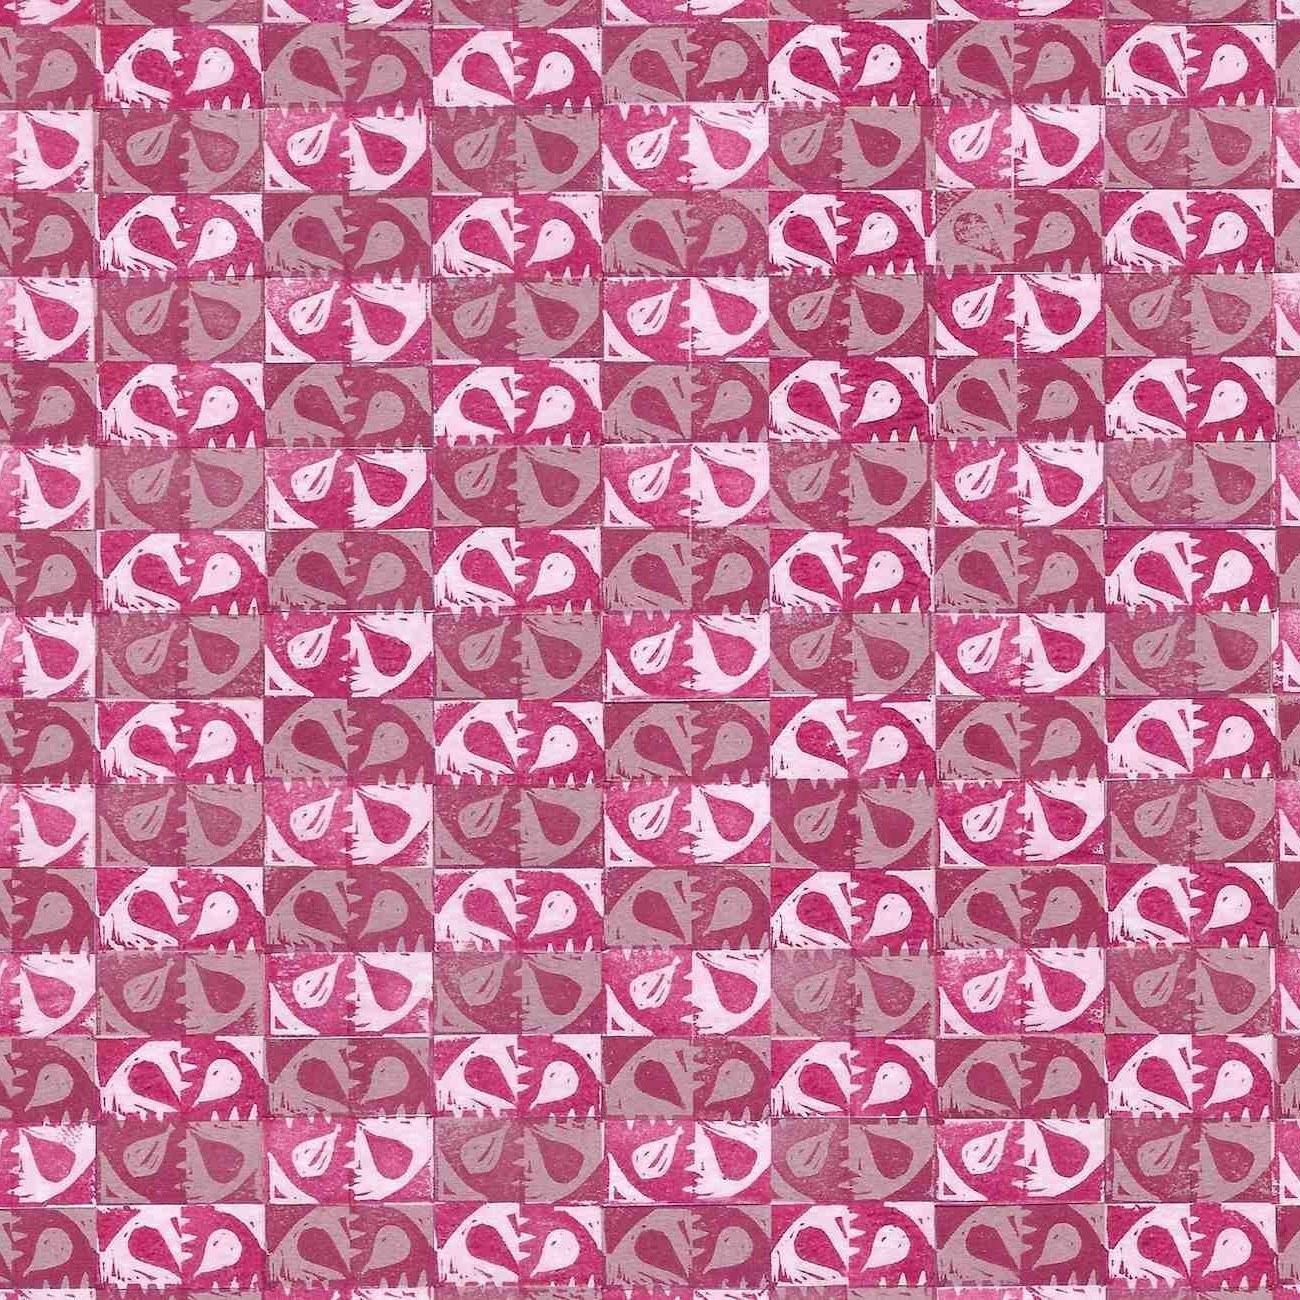 zb pink round pattern.jpg